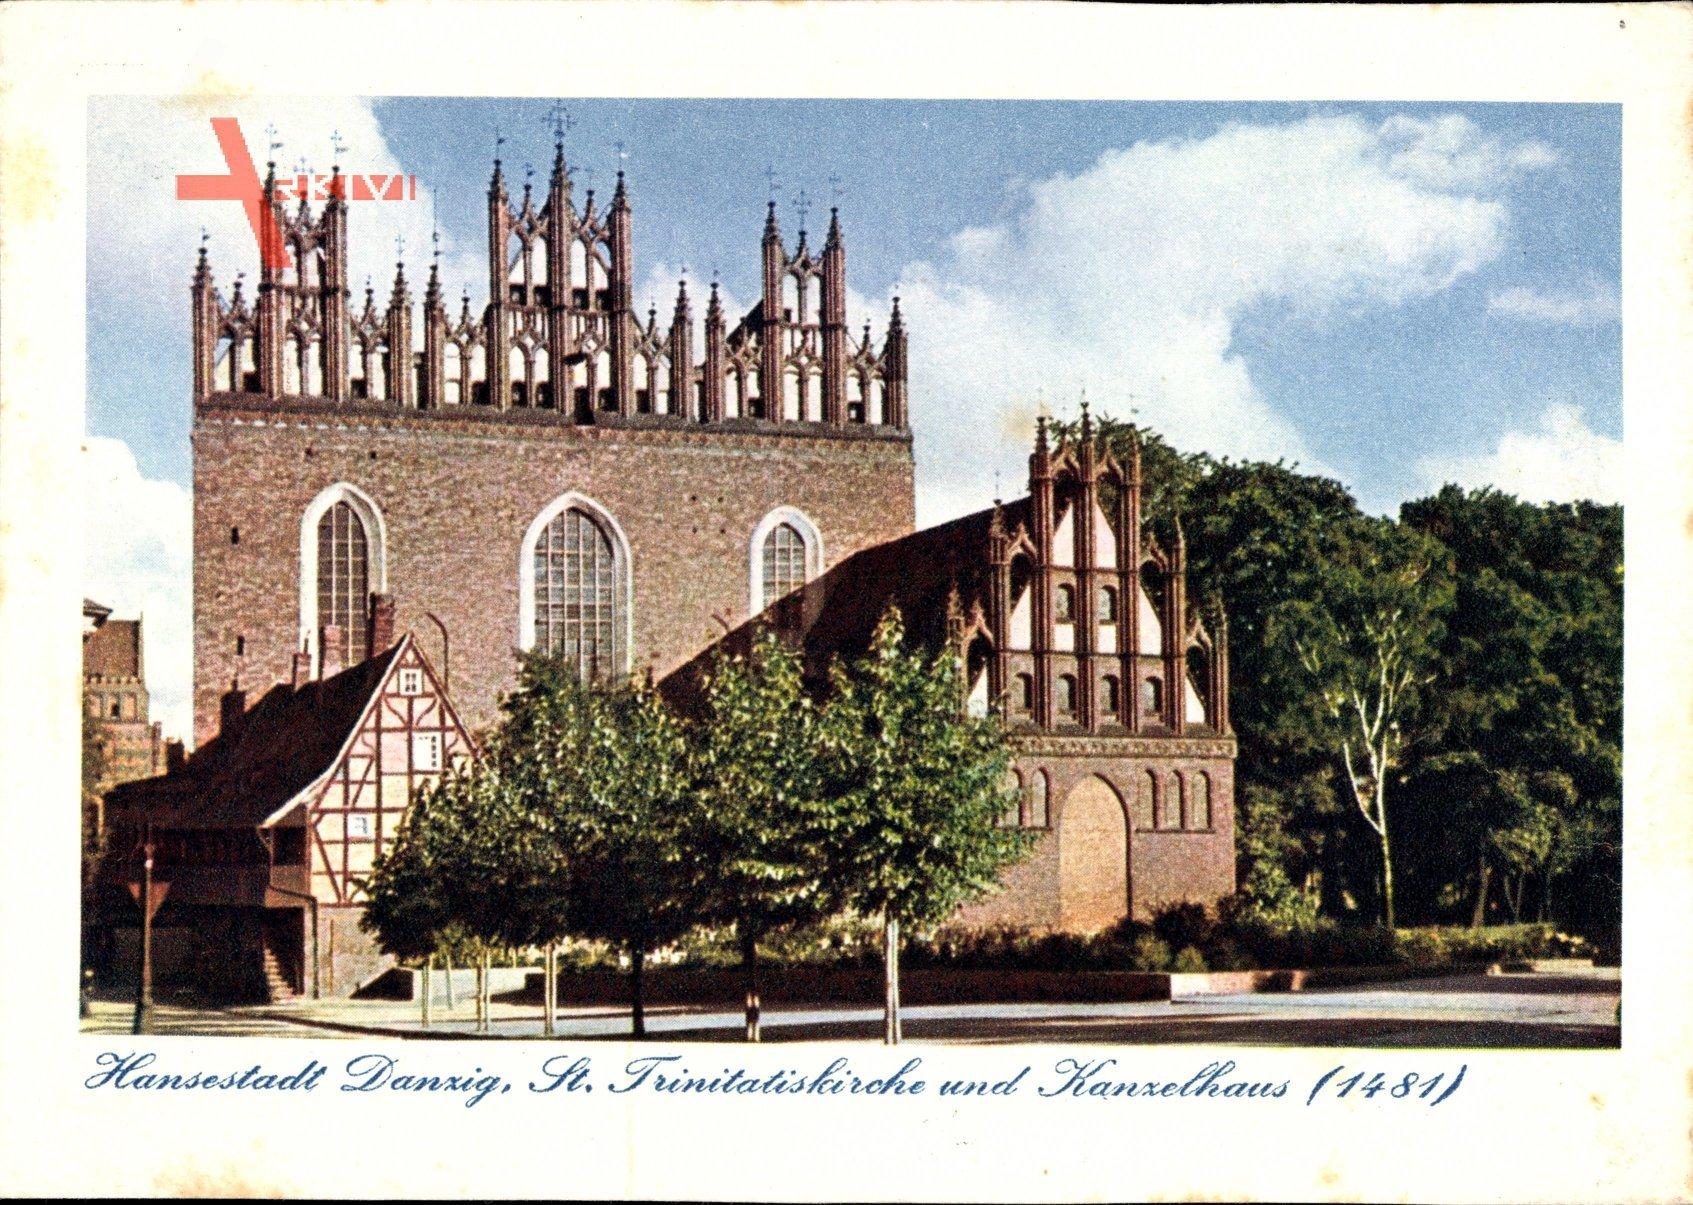 Gdańsk Danzig, St. Trinitatiskirche und Kanzelhaus, 1481, Giebel